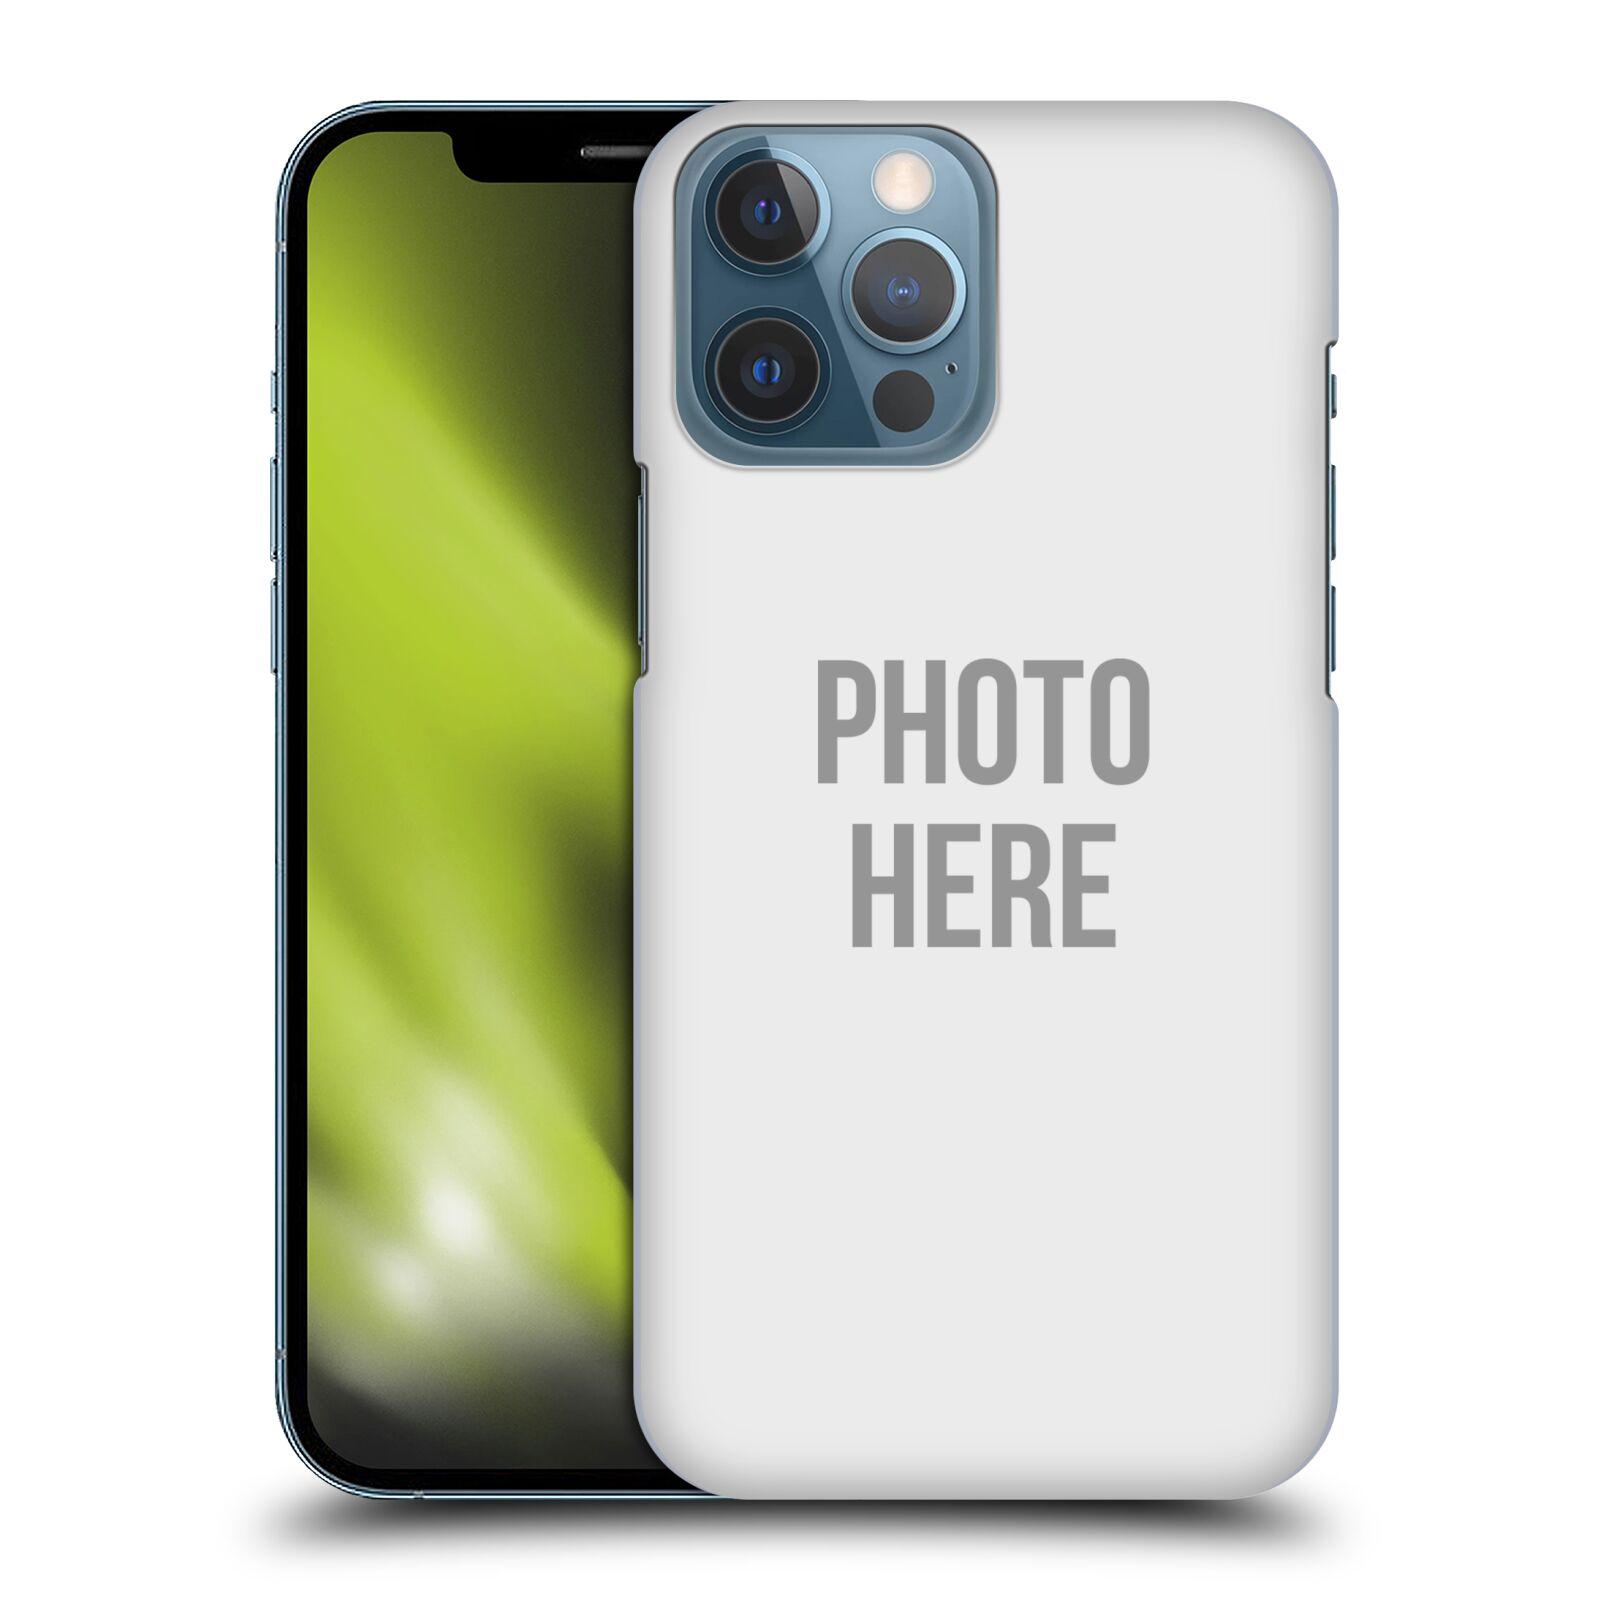 Plastové pouzdro na mobil Apple iPhone 13 Pro Max s vlastním motivem